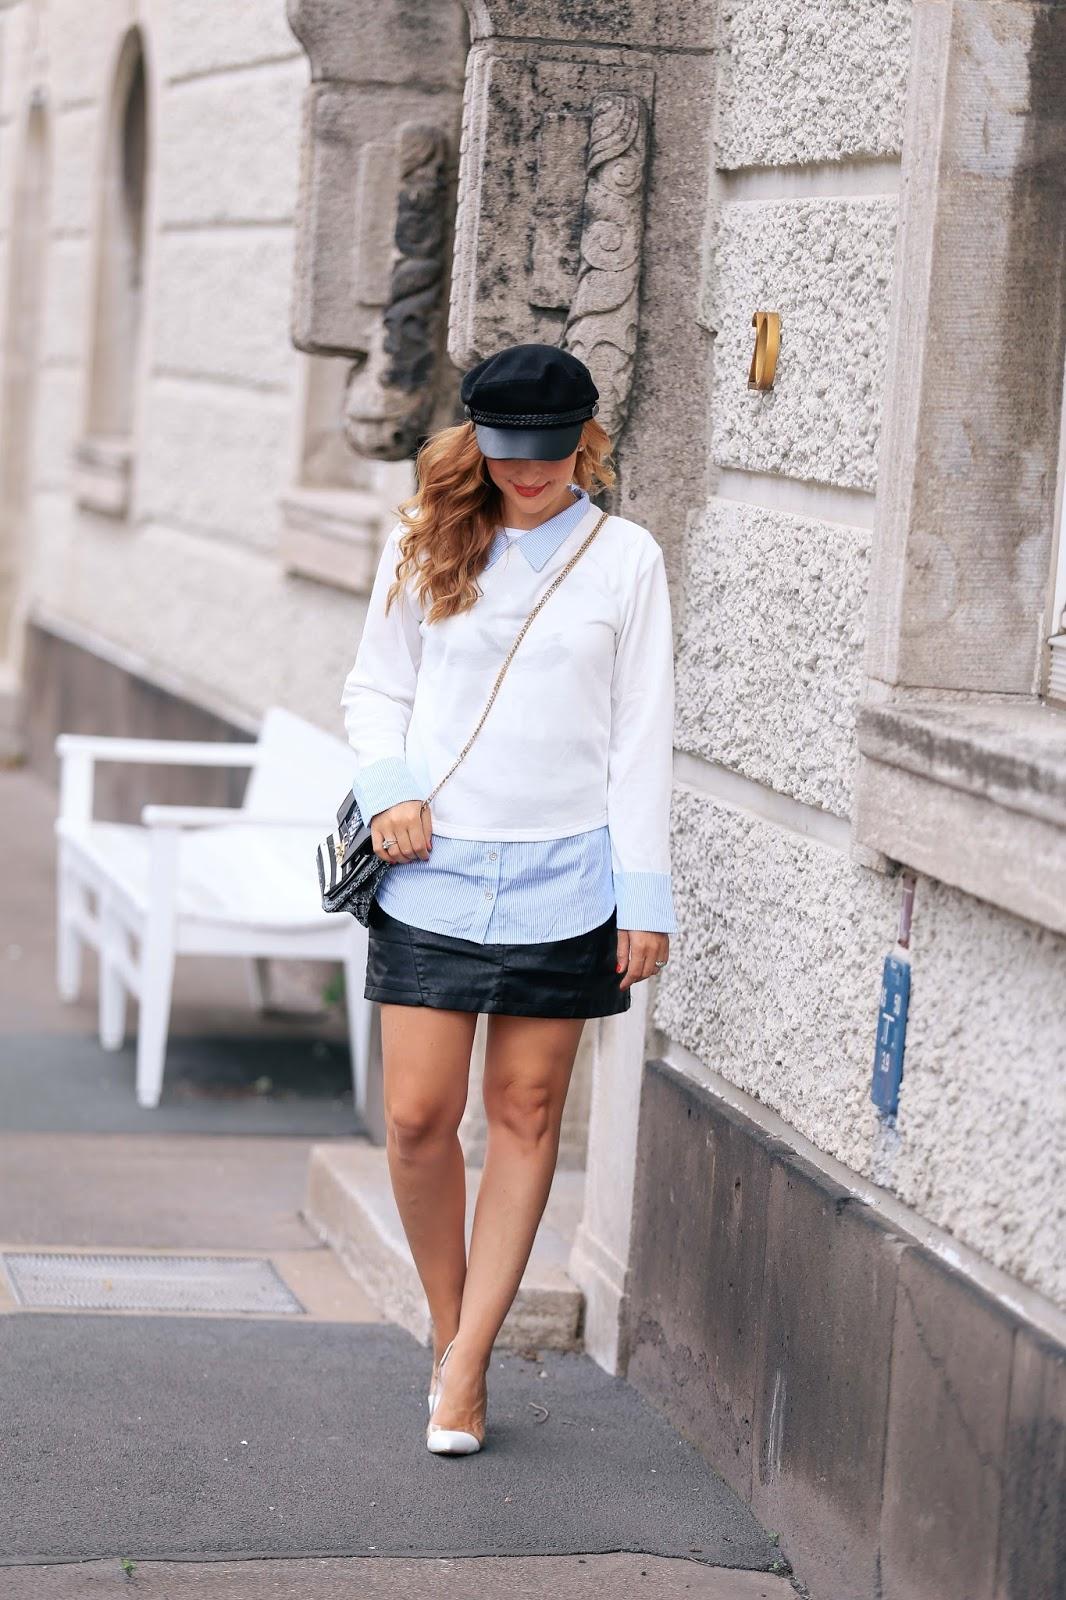 Deutsche-fashionblogger-outfit-inspiration-Hemd-mit-pullover-blogger-aus-deutschland